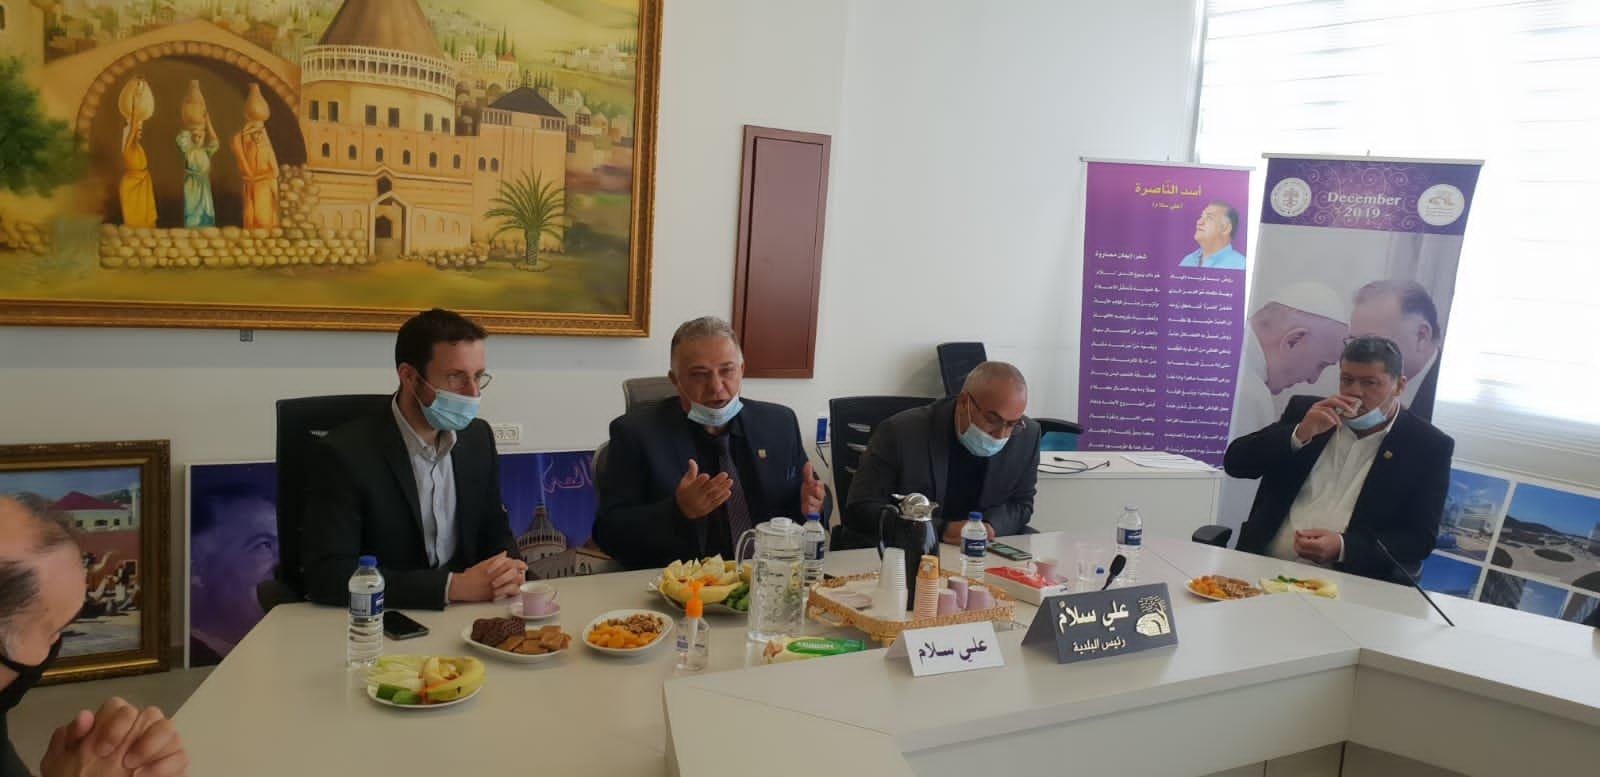 وزير العمل والرفاه الاجتماعي يزور بلدية الناصرة-12